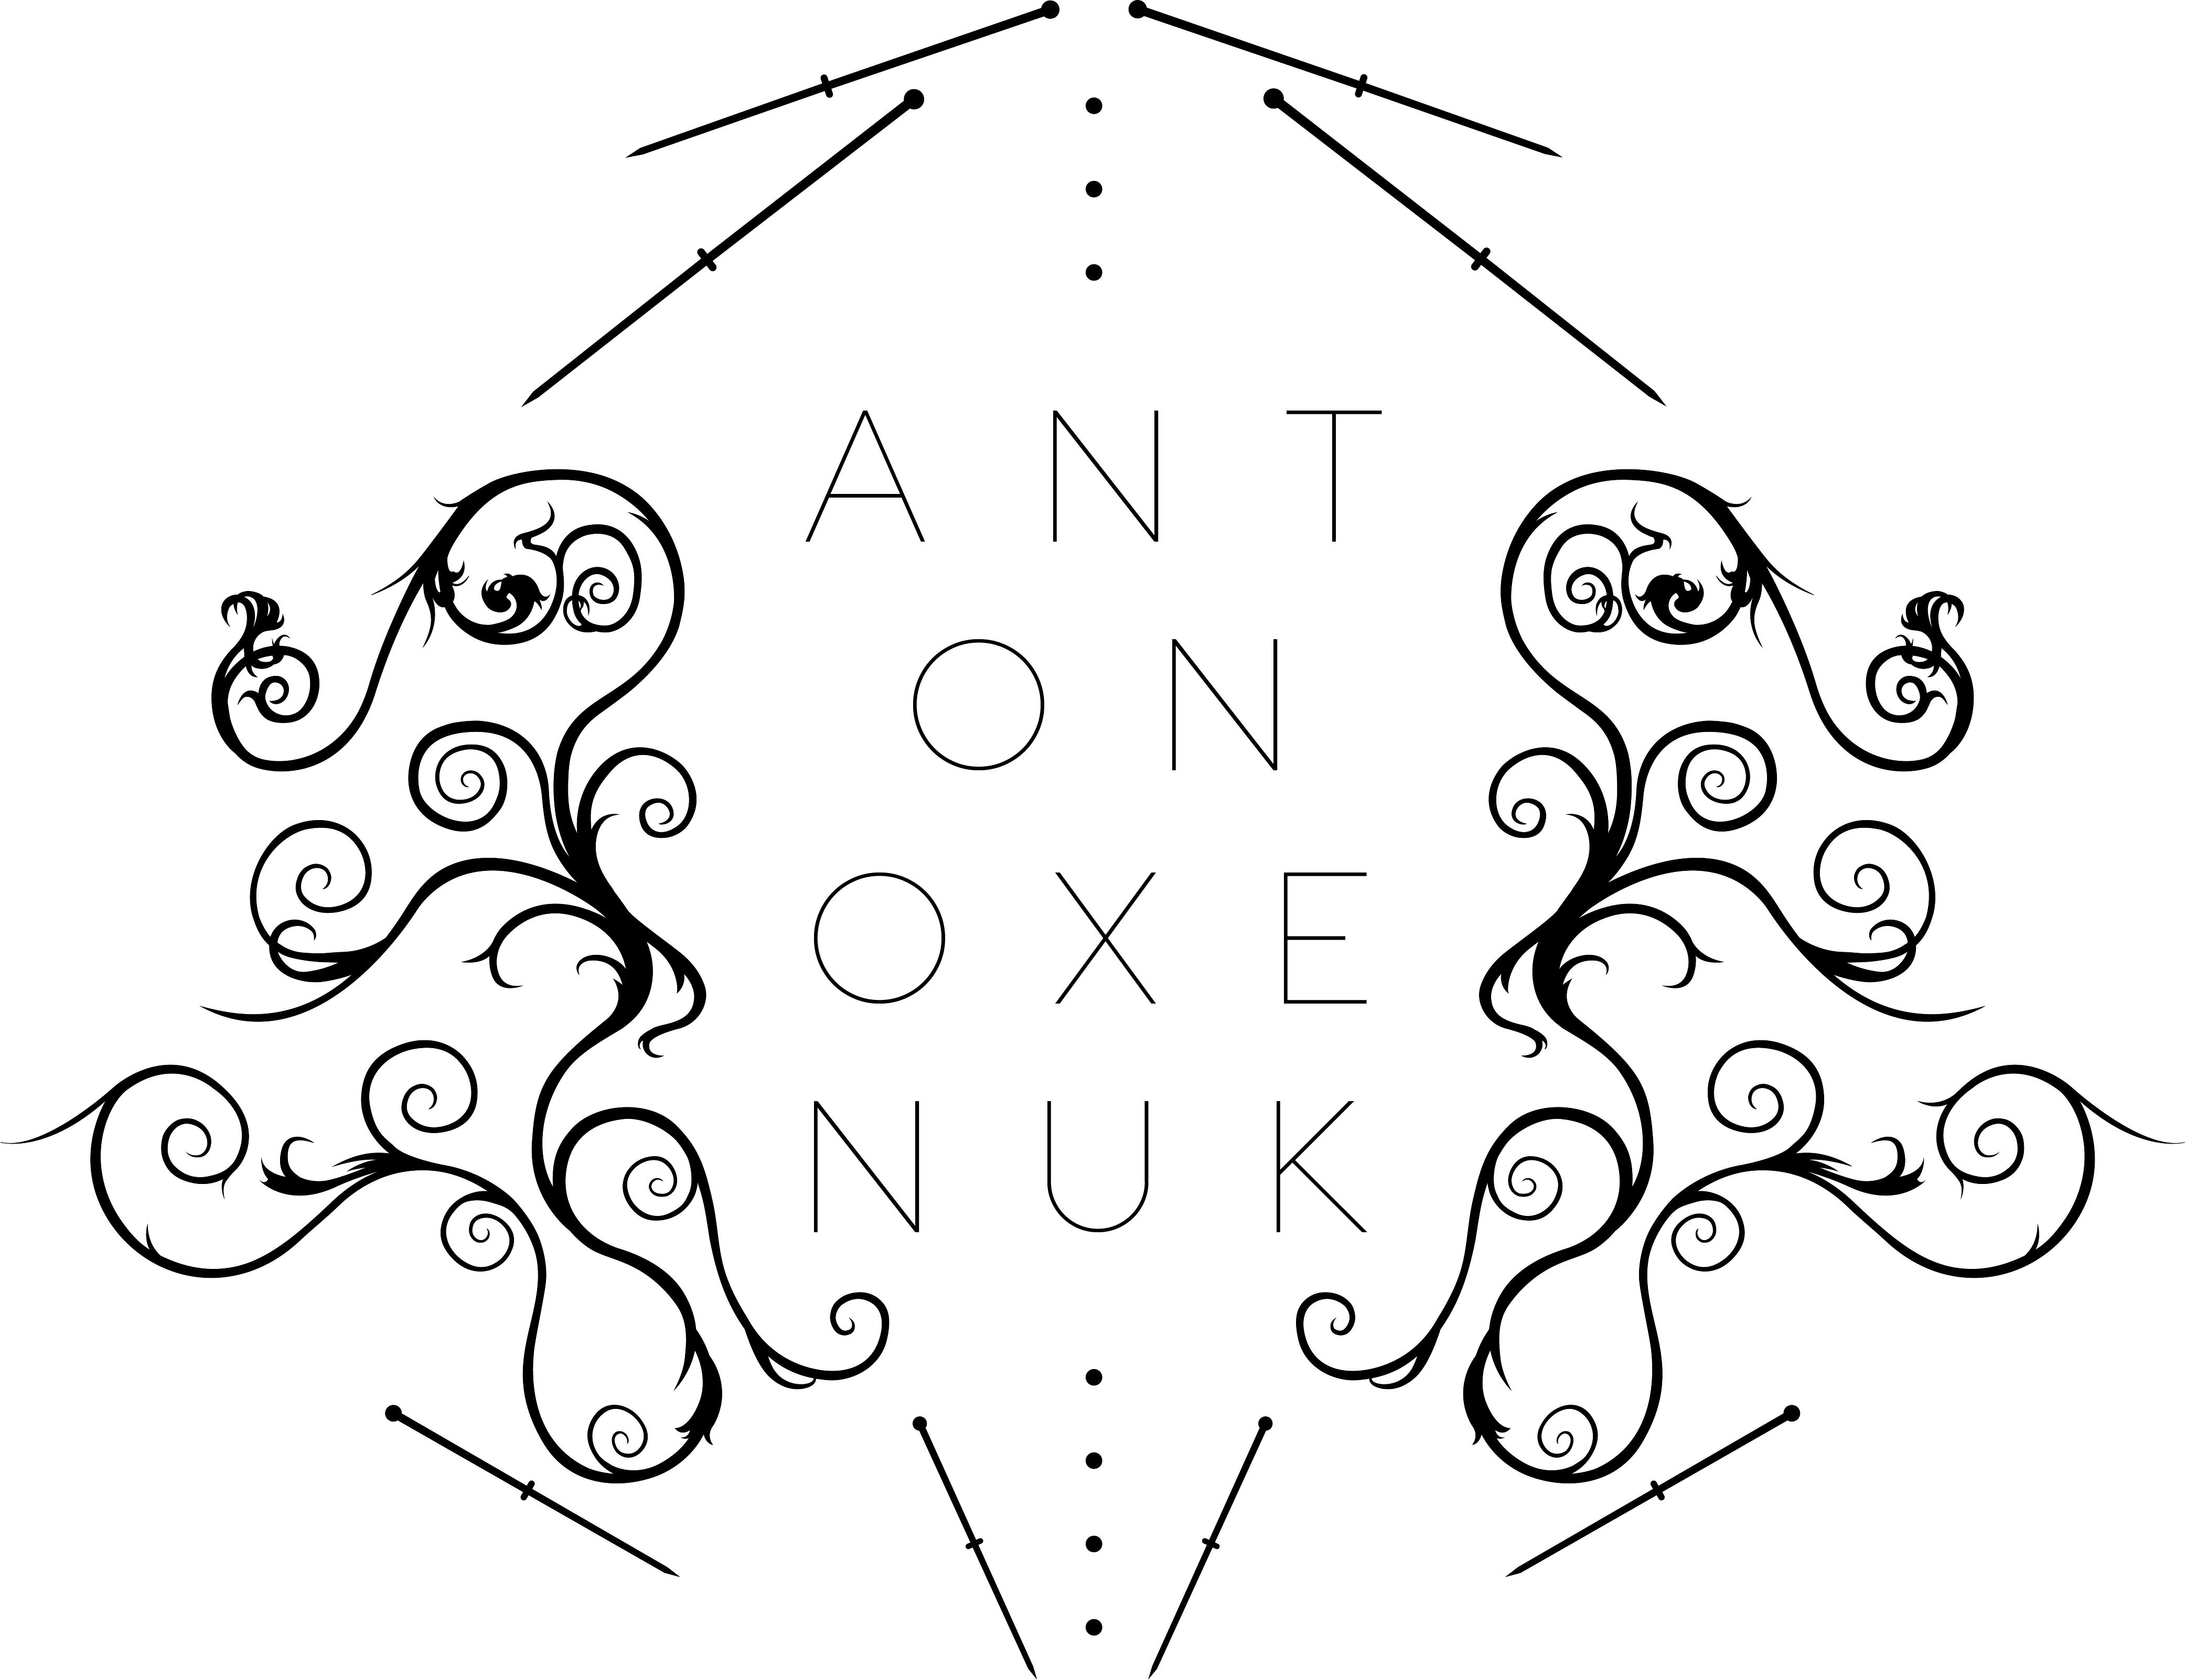 Anton Oxenuk